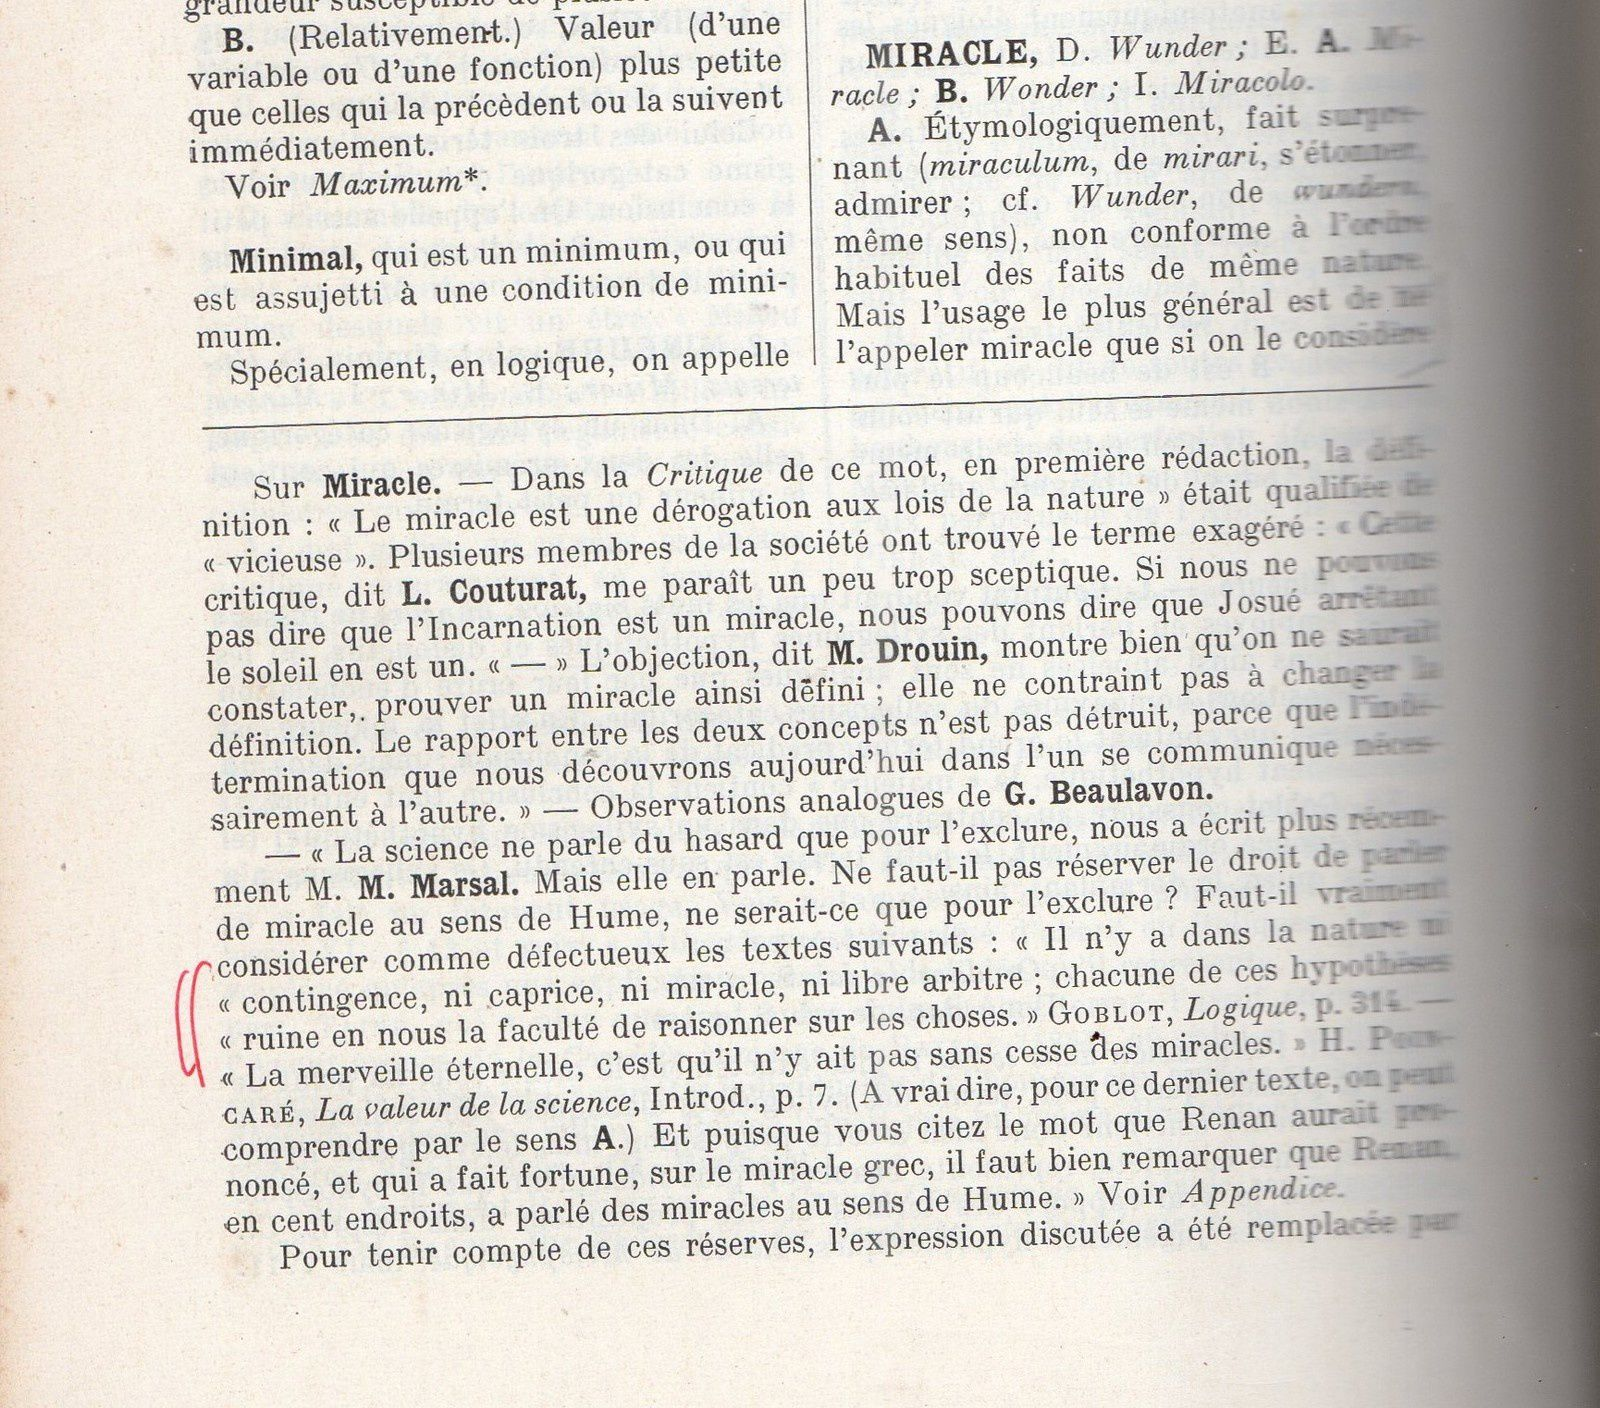 Ces médias français qui insultent Lourdes. Oseraient-ils s'exprimer ainsi à propos du pélérinage de la Mecque?